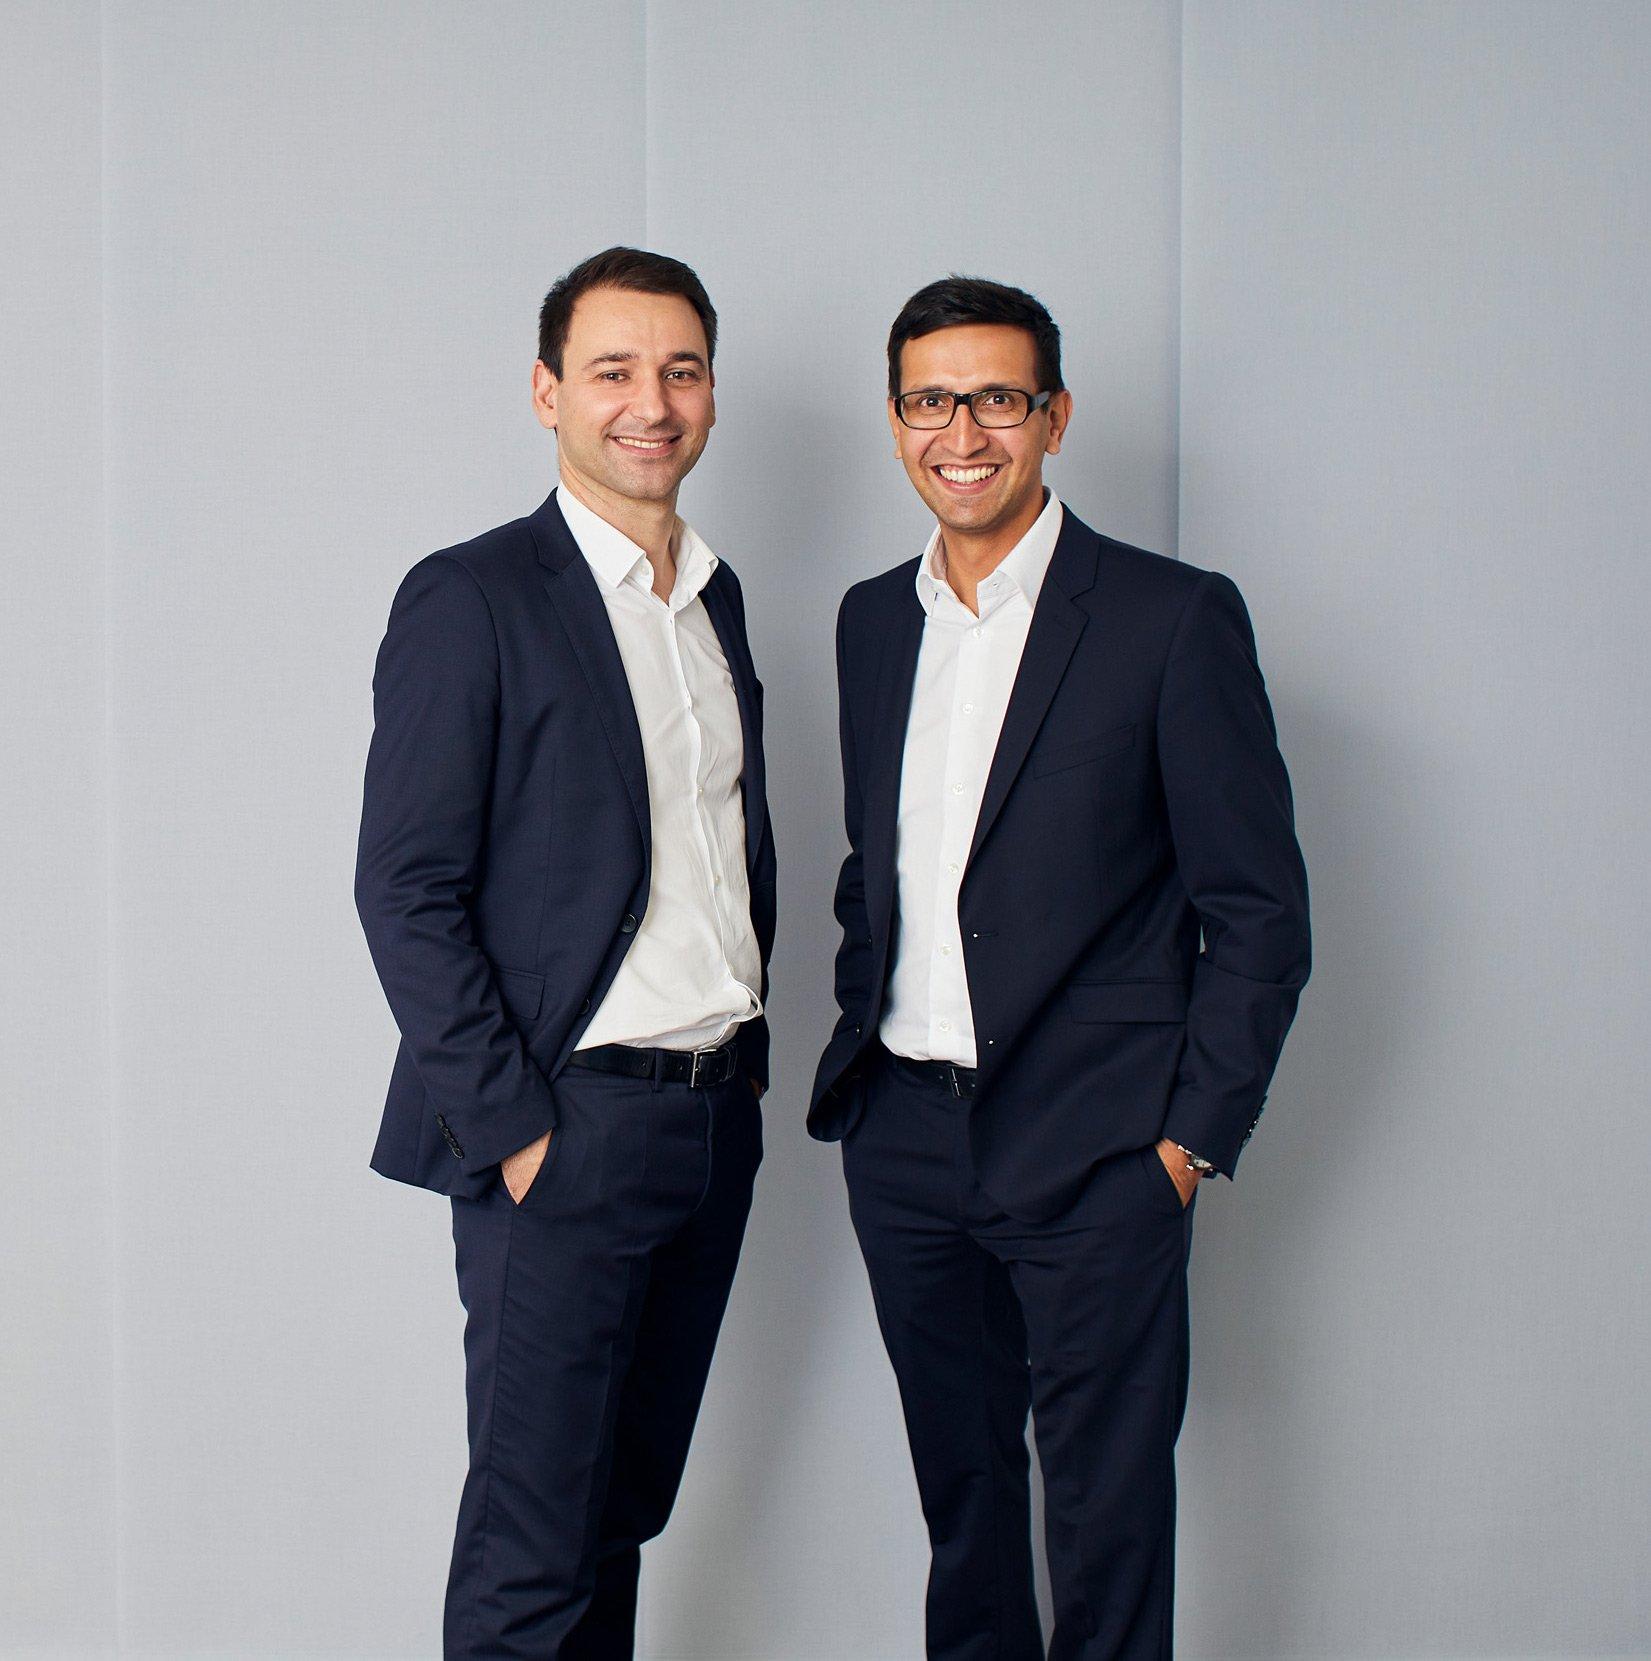 Dr. Daniel Lonic und Dr. Denys Loeffelbein sind erneut mit dem FOCUS-Siegel als empfohlene Ärzte der Region ausgezeichnet worden.